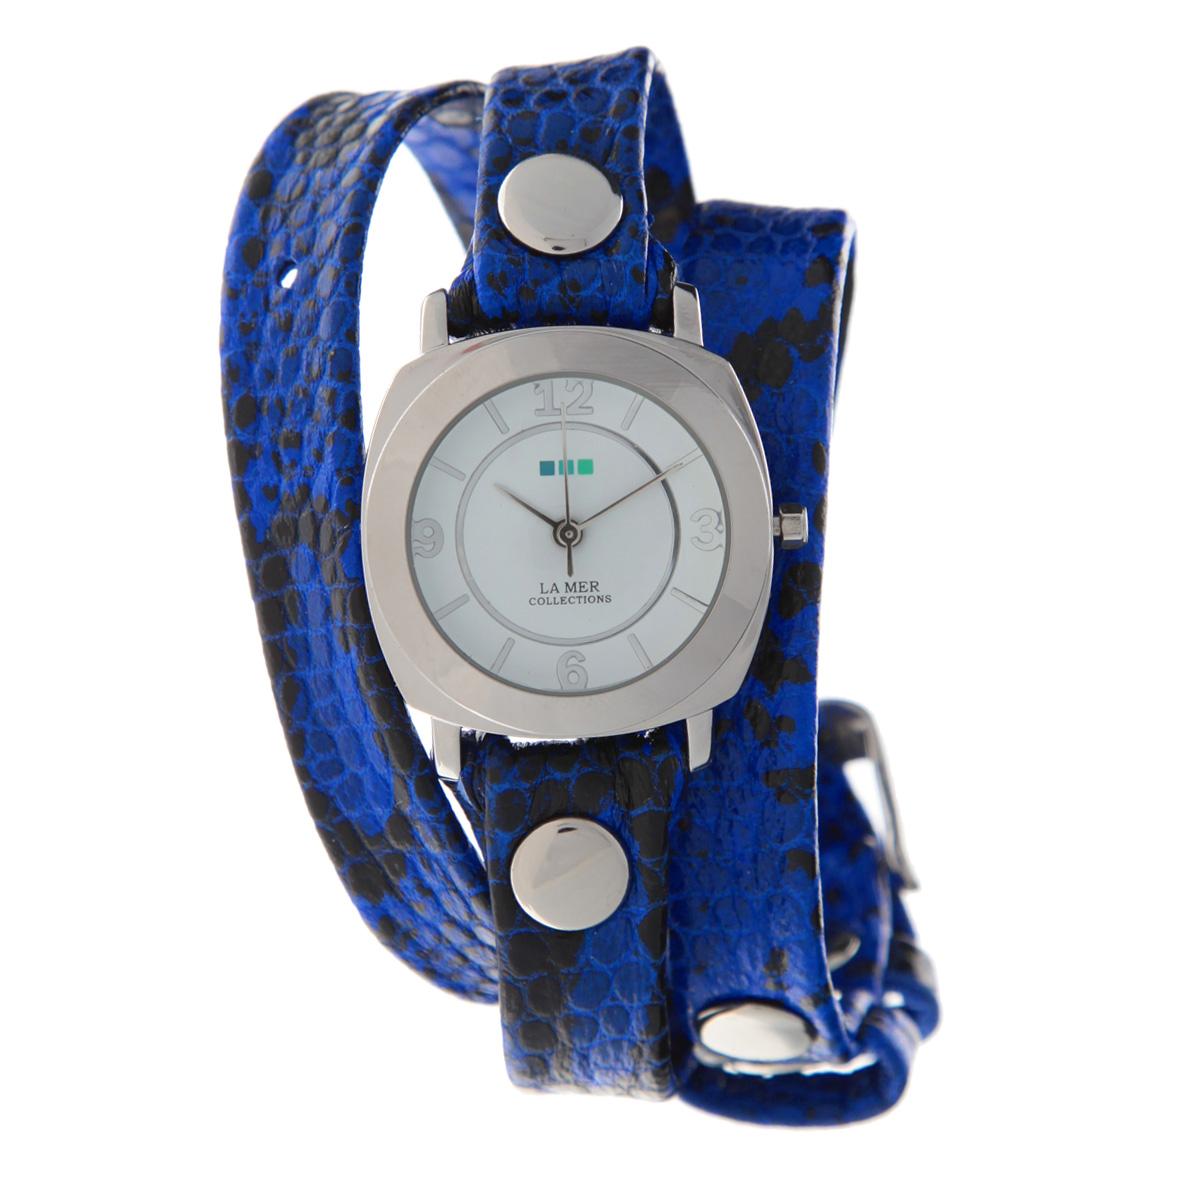 Часы наручные женские La Mer Collections Odyssey Electric Blue Snake. LMODY2001xLMODY2001xЖенские наручные часы  La Mer Collections позволят вам выделиться из толпы и подчеркнуть свою индивидуальность. Часы оснащены японским кварцевым механизмом SEIKO. Ремешок выполнен из натуральной итальянской кожи и декорирован металлическими заклепками и текстурирован под змеиную кожу. Корпус часов изготовлен из сплава металлов, серебристого цвета. Циферблат оснащен часовой, минутной и секундной стрелками и защищен минеральным стеклом. Часы застегиваются на классическую застежку. Часы хранятся на специальной подушечке в футляре из искусственной кожи, крышка которого оформлена логотипом компании La Mer Collection. Характеристики: Размер циферблата: 29 х 29 х 8 мм. Размер ремешка: 550 х 13 мм. Не содержат никель. Не водостойкие. Собираются вручную в США.